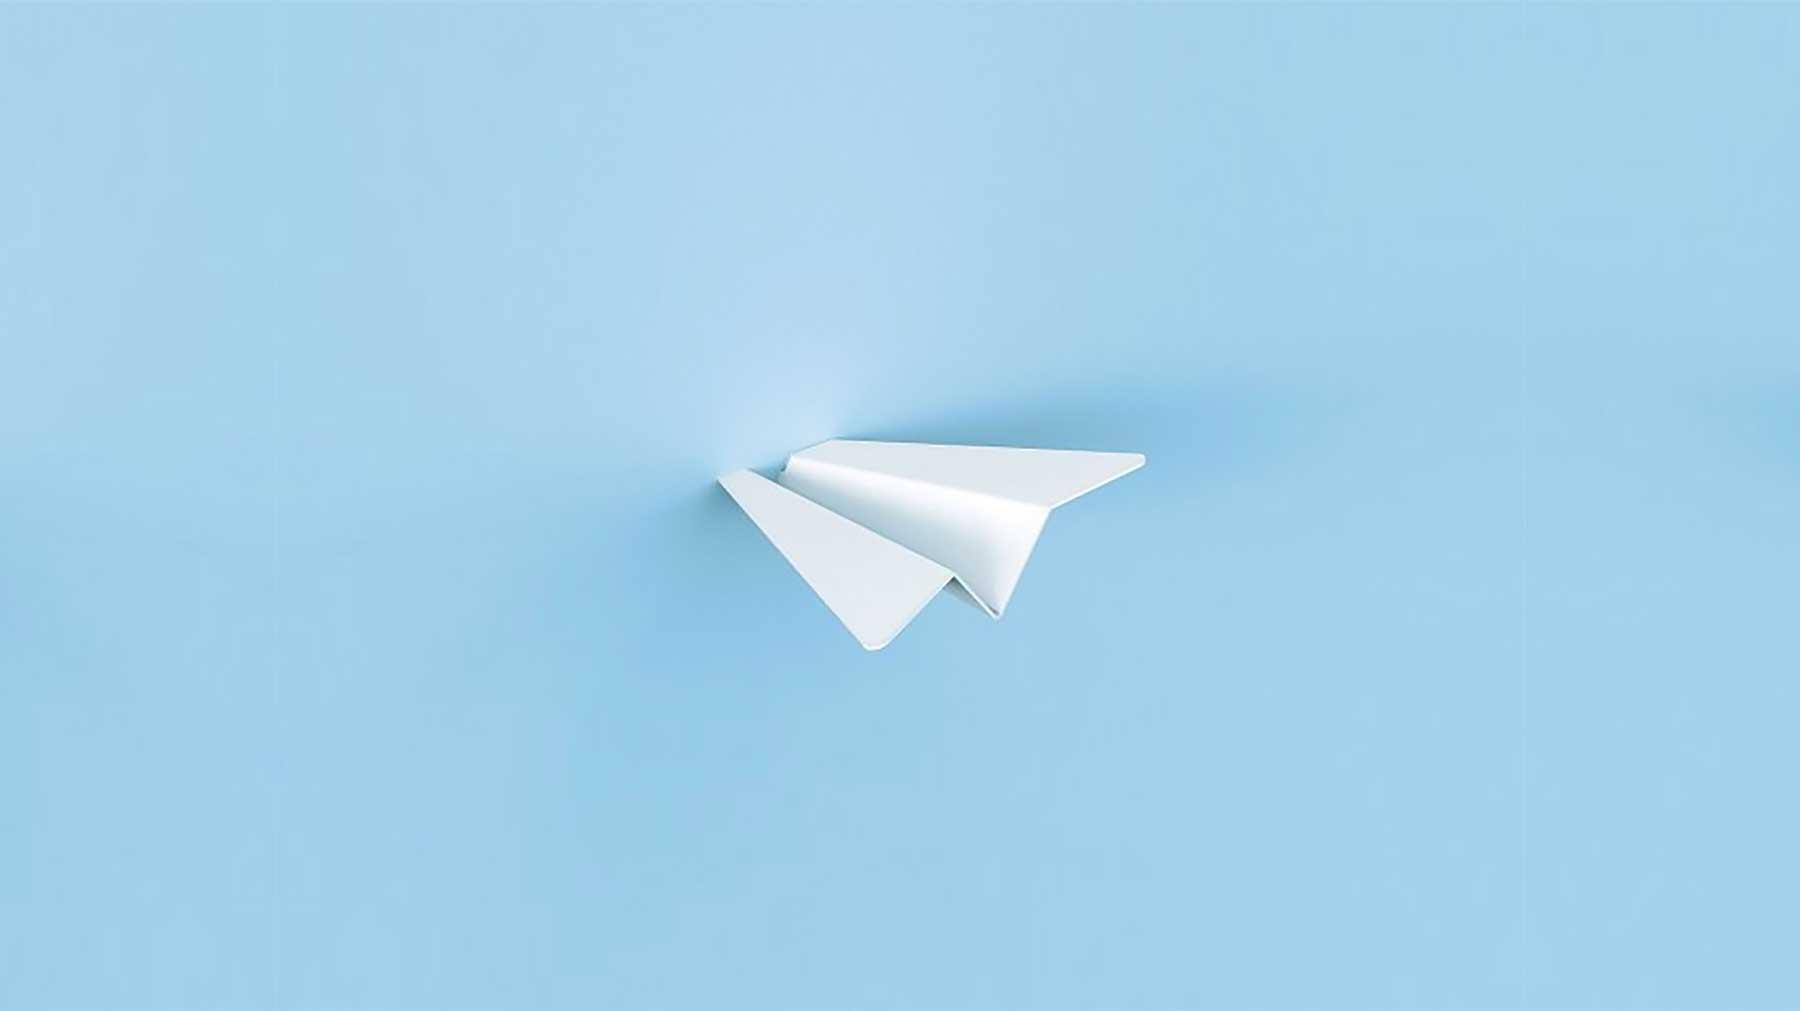 Papierflieger-Kleiderhaken papierflieger-wandhaenger-kleiderhaken_paper-planes_wall-hangers_01